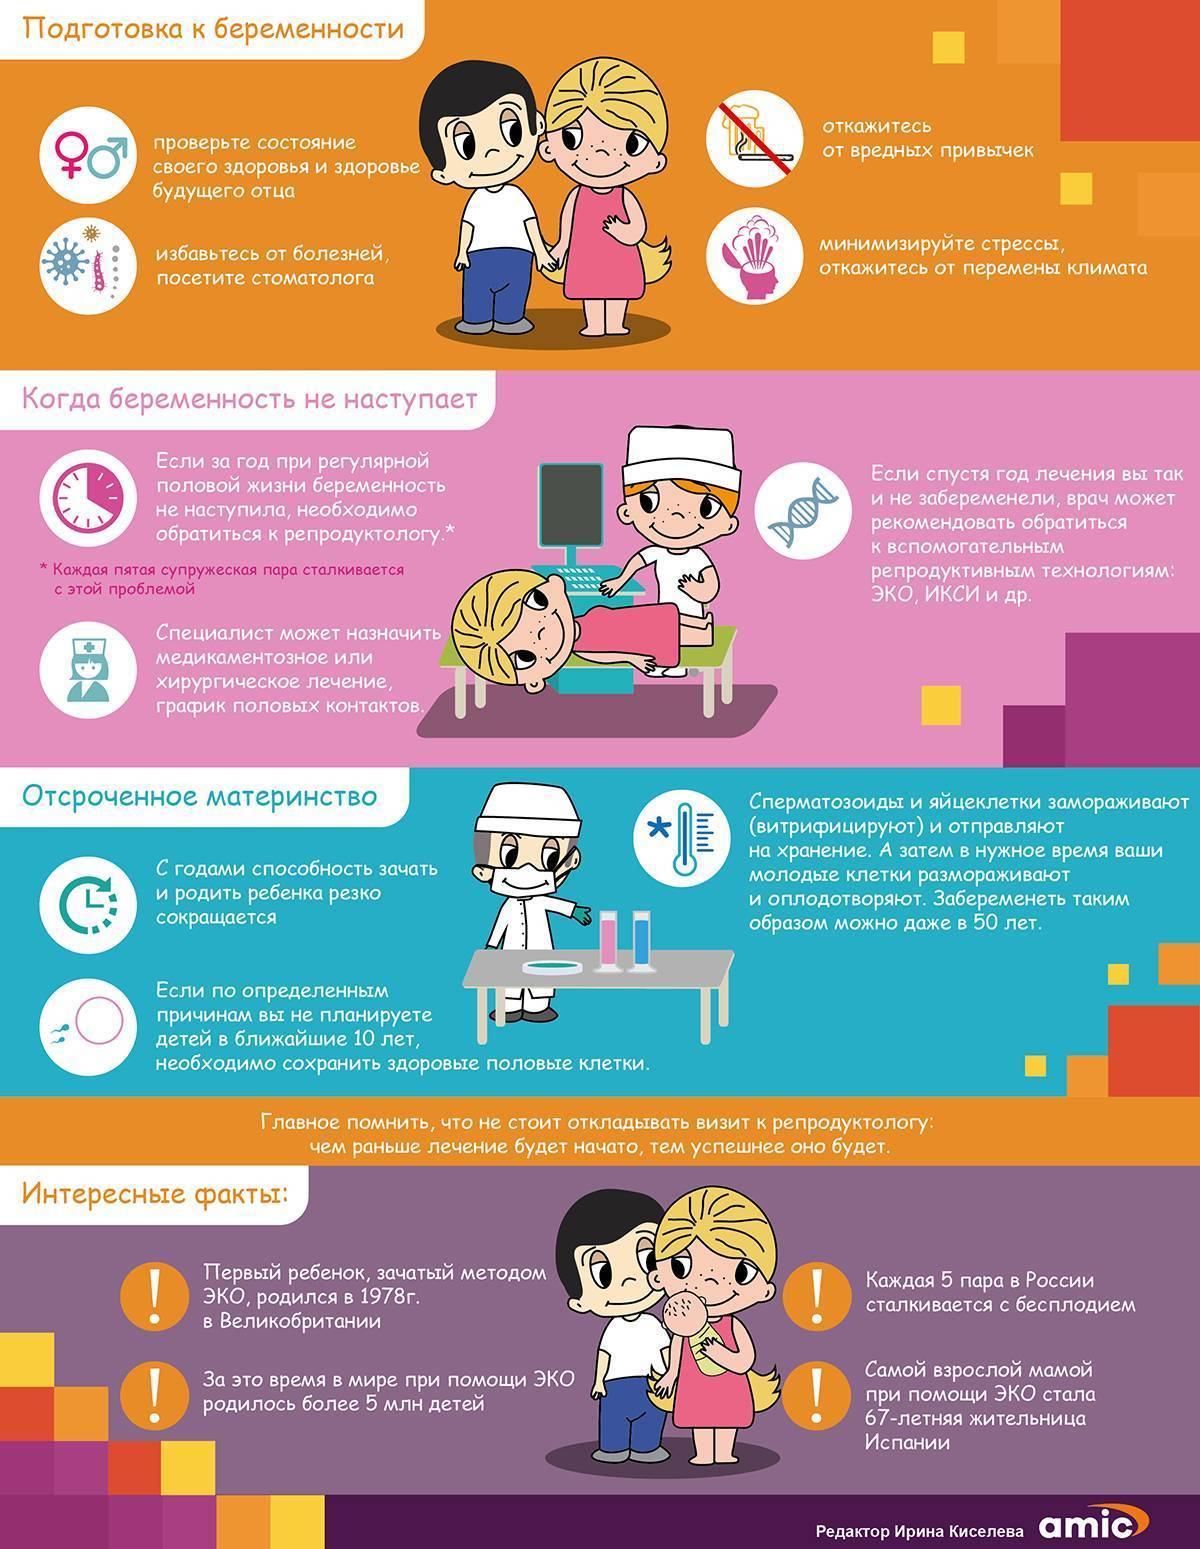 Подготовка к беременности: с чего начать, как подготовиться к зачатию ребенка женщине и мужчине |  эко-блог